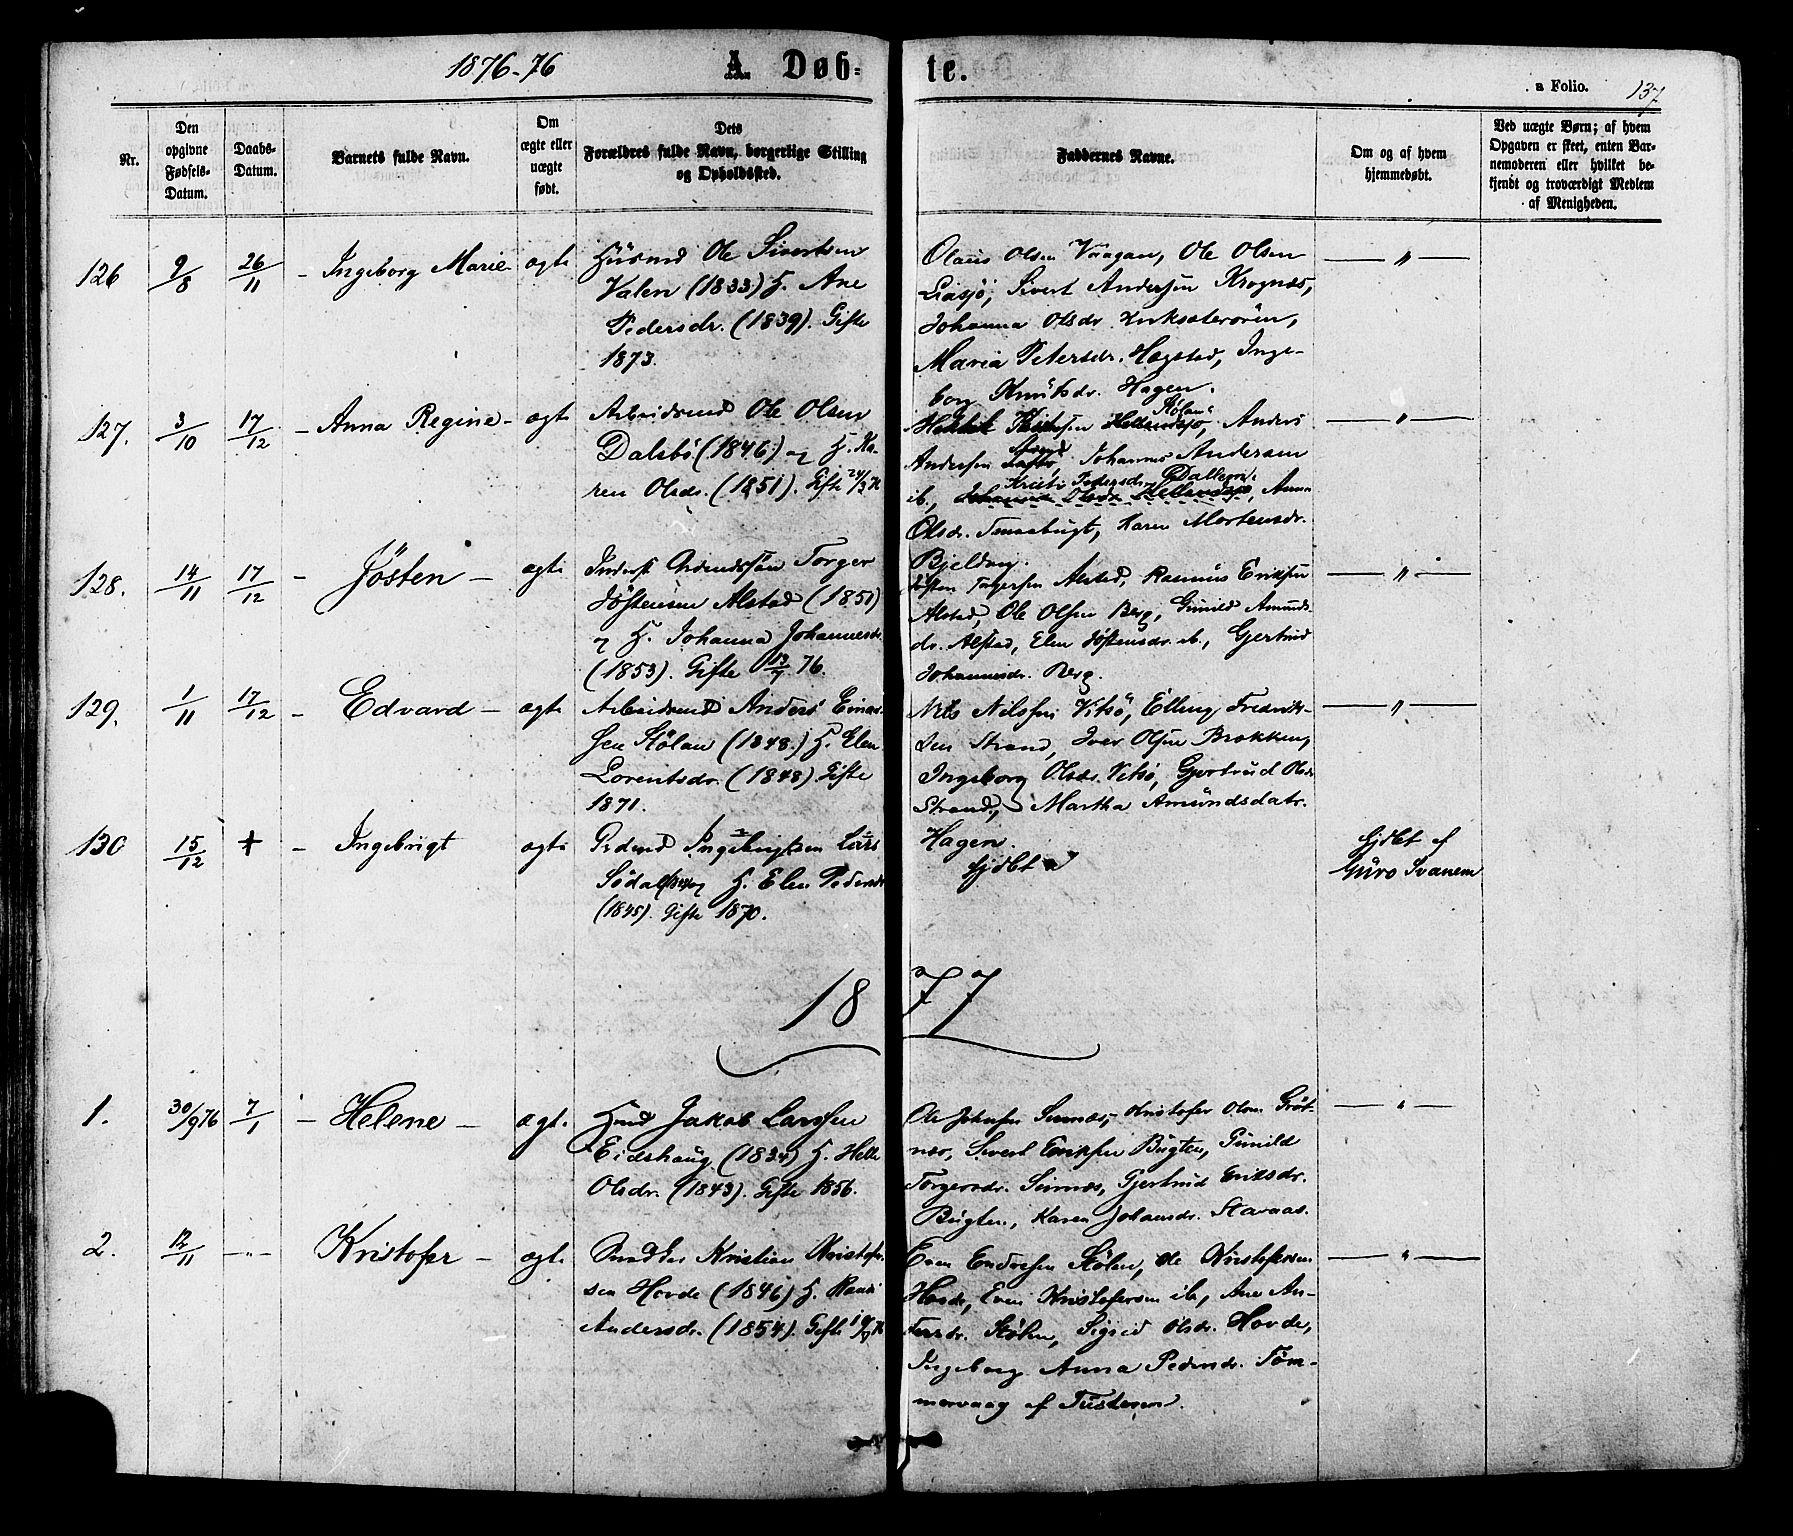 SAT, Ministerialprotokoller, klokkerbøker og fødselsregistre - Sør-Trøndelag, 630/L0495: Ministerialbok nr. 630A08, 1868-1878, s. 137